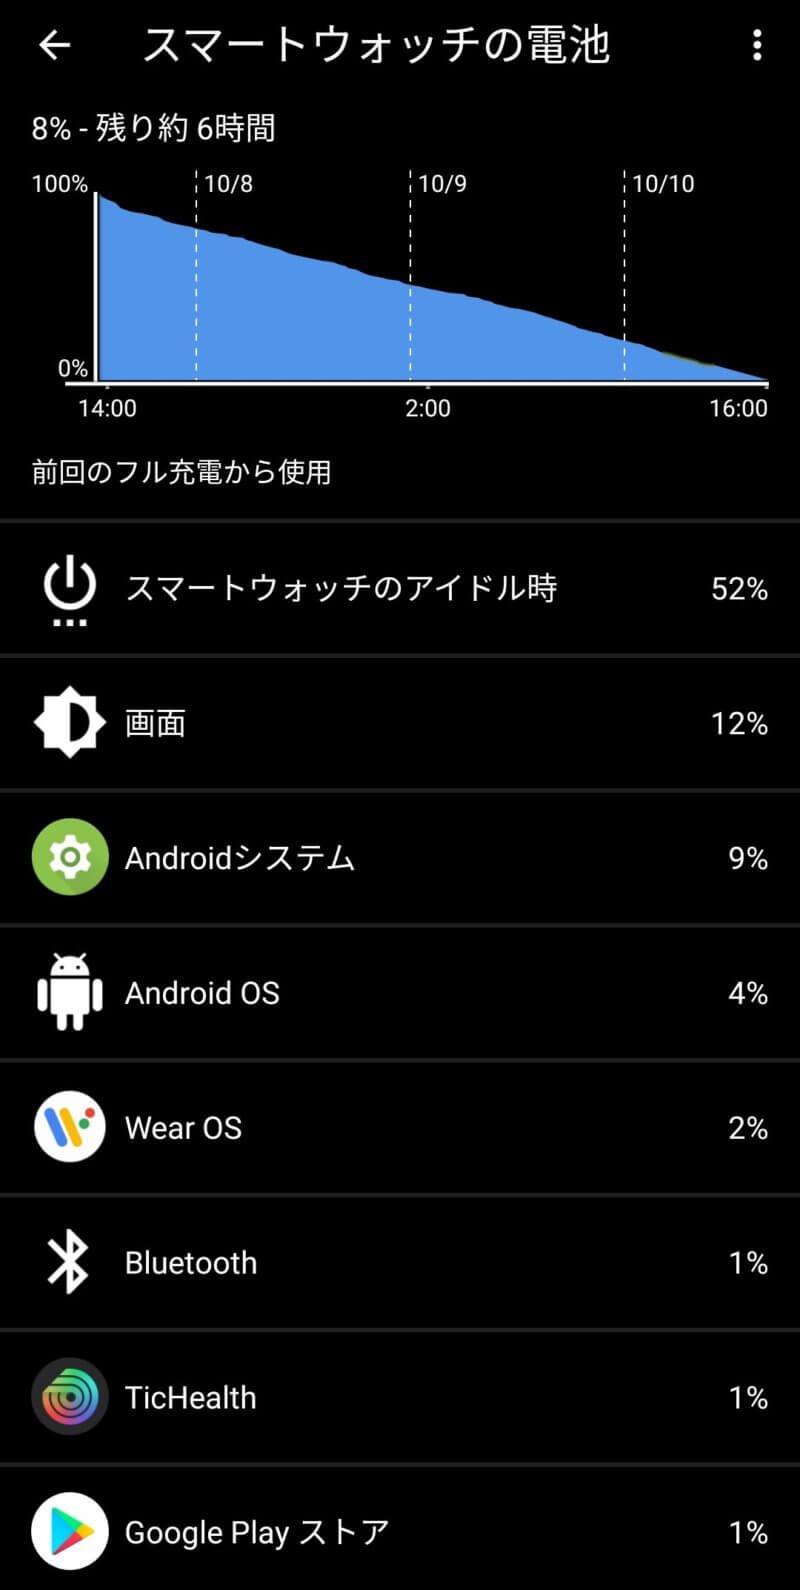 Ticwatchpro3 実際のバッテリー持ち